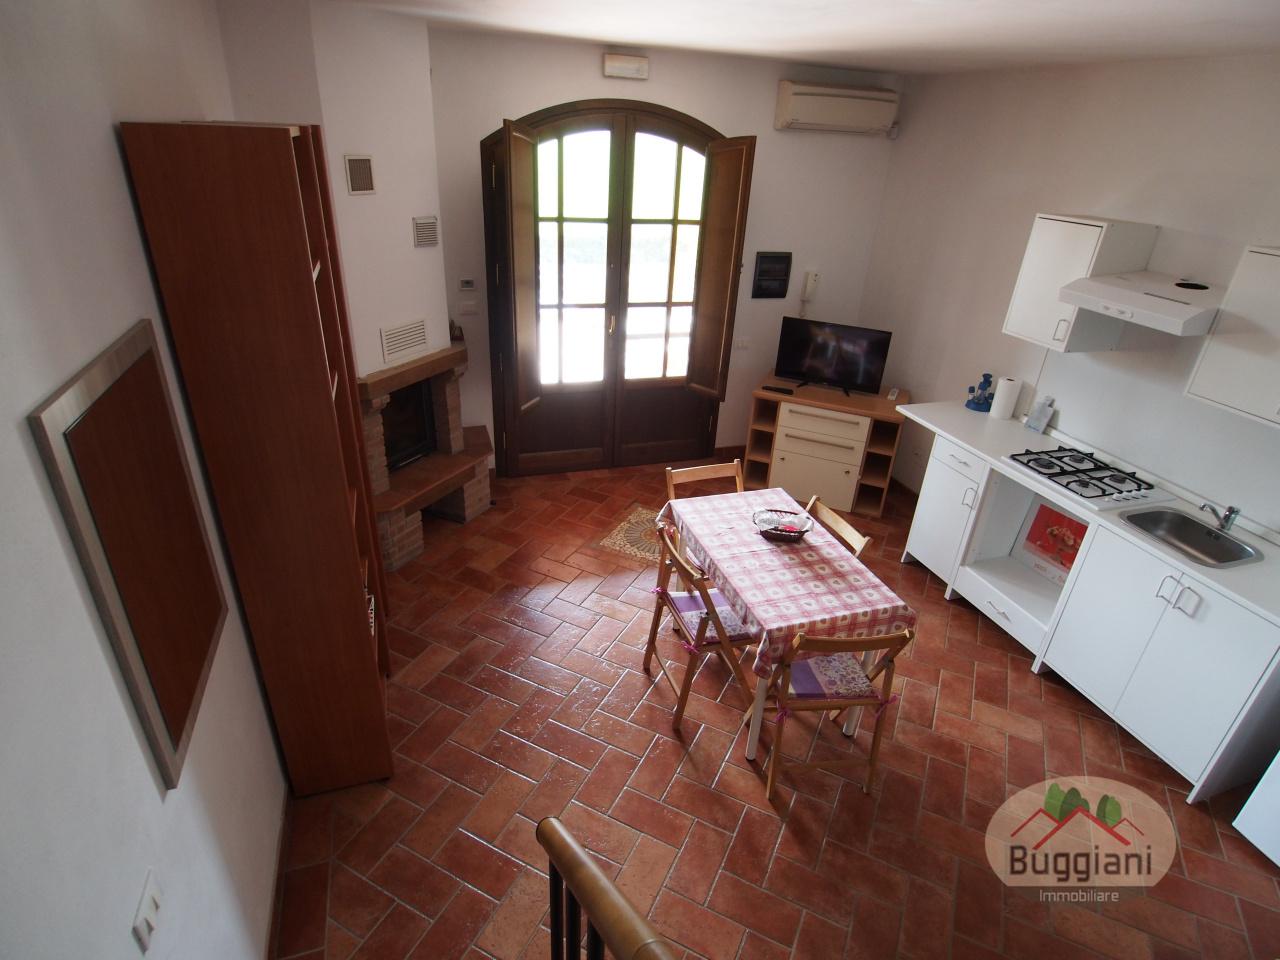 Villa in vendita RIF. 1718, Montopoli in Val d'Arno (PI)